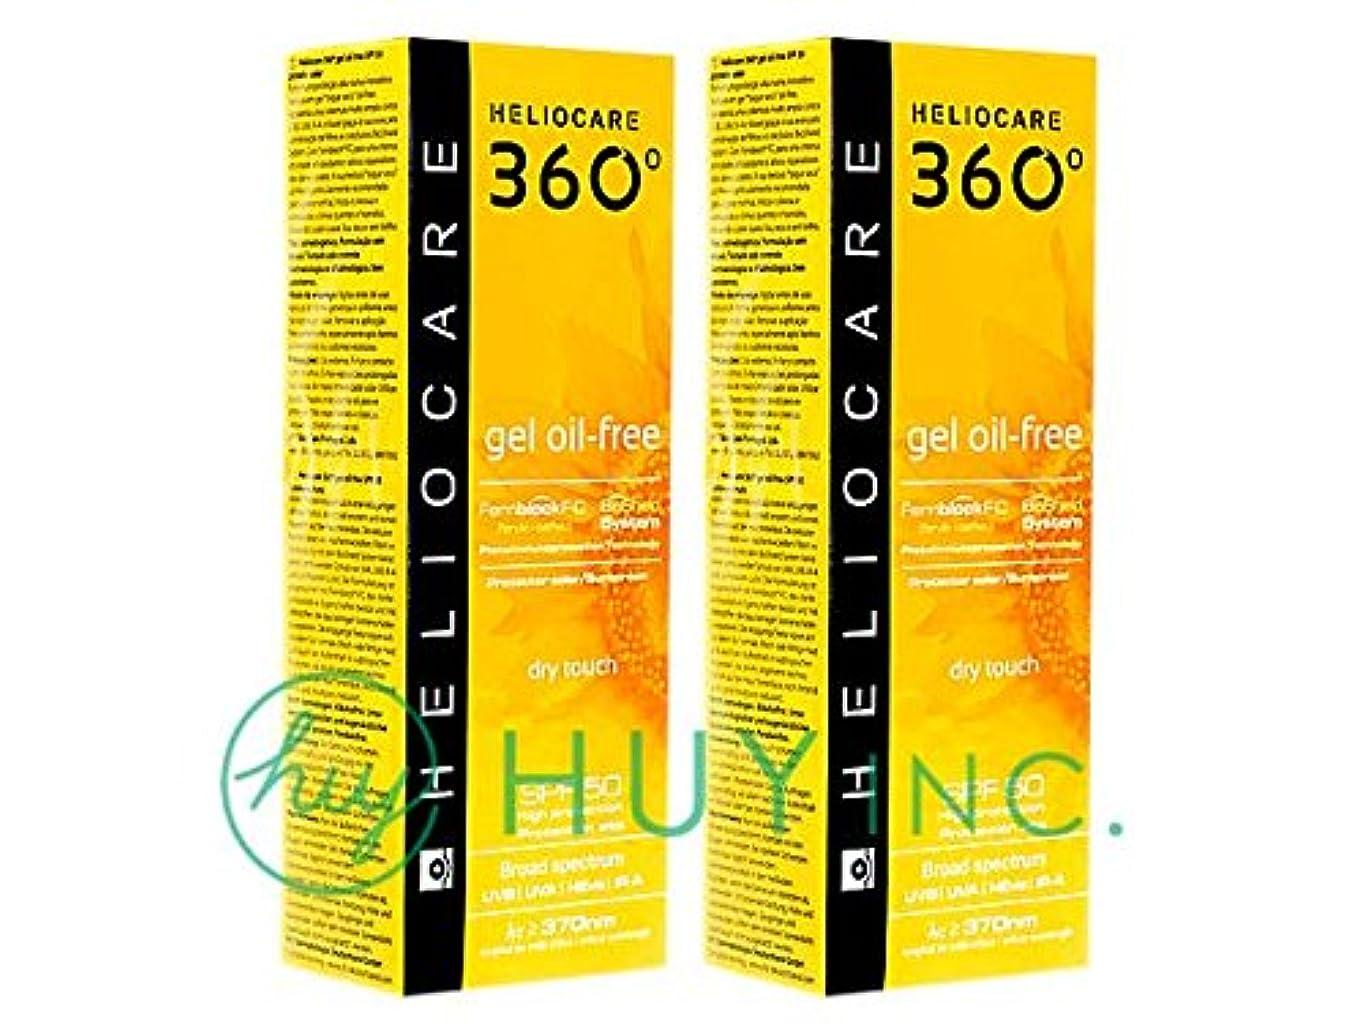 行商一月中断ヘリオケア 360°ジェルオイルフリー(Heliocare360GelOil-Free)SPF50 2ボトル(50ml×2) [並行輸入品]